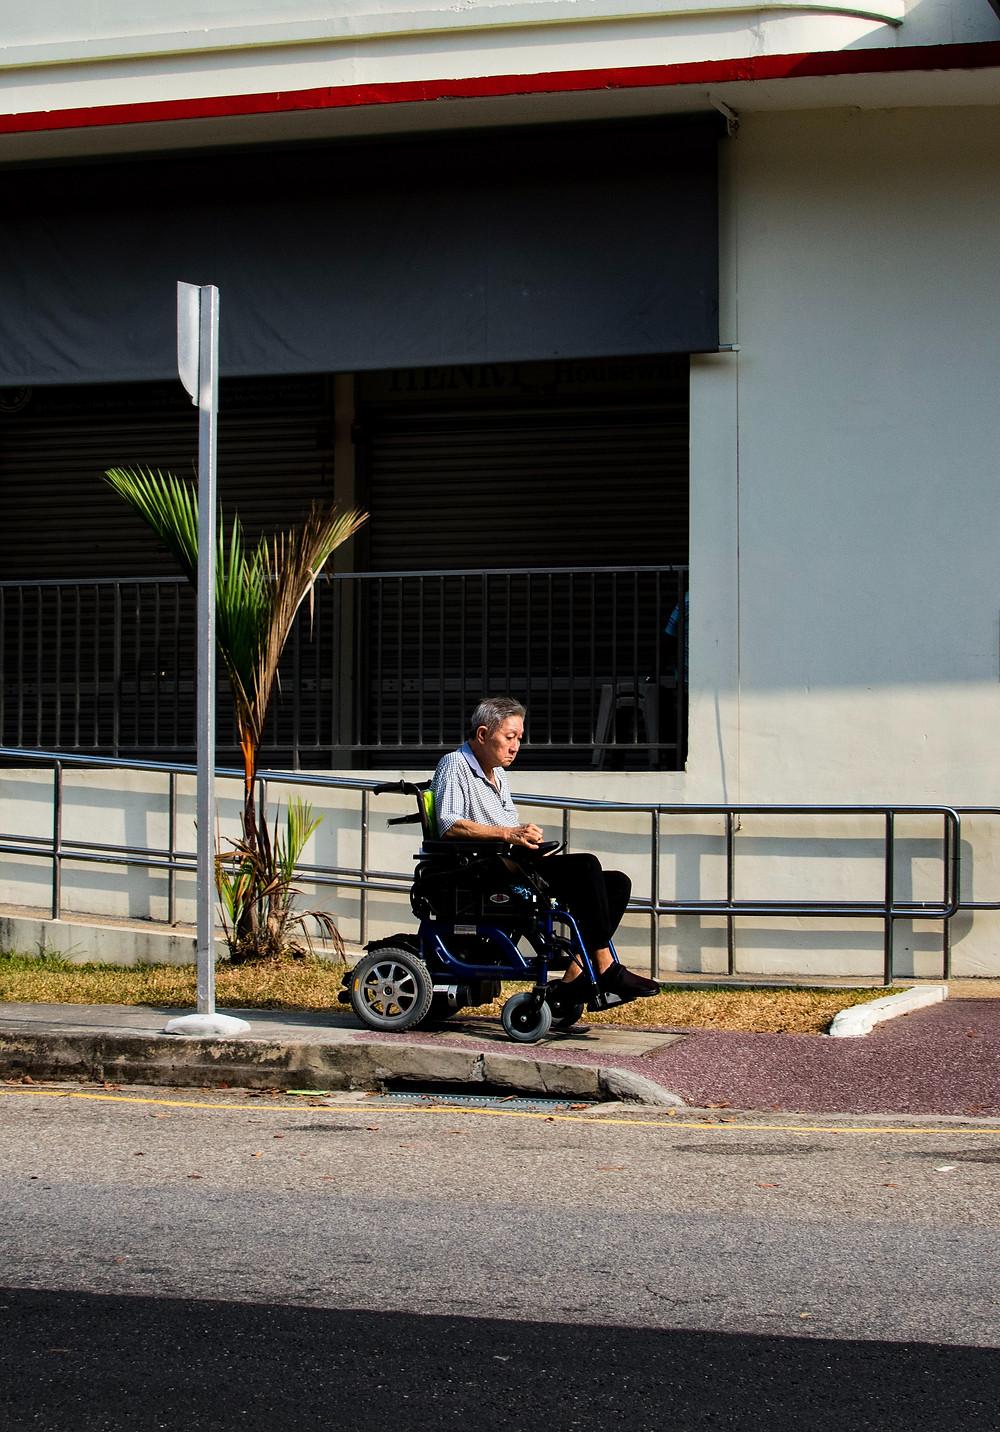 阿勇接受了以轮椅代步,开始活跃于社区。(Photo by Gervyn Louis on Unsplash)